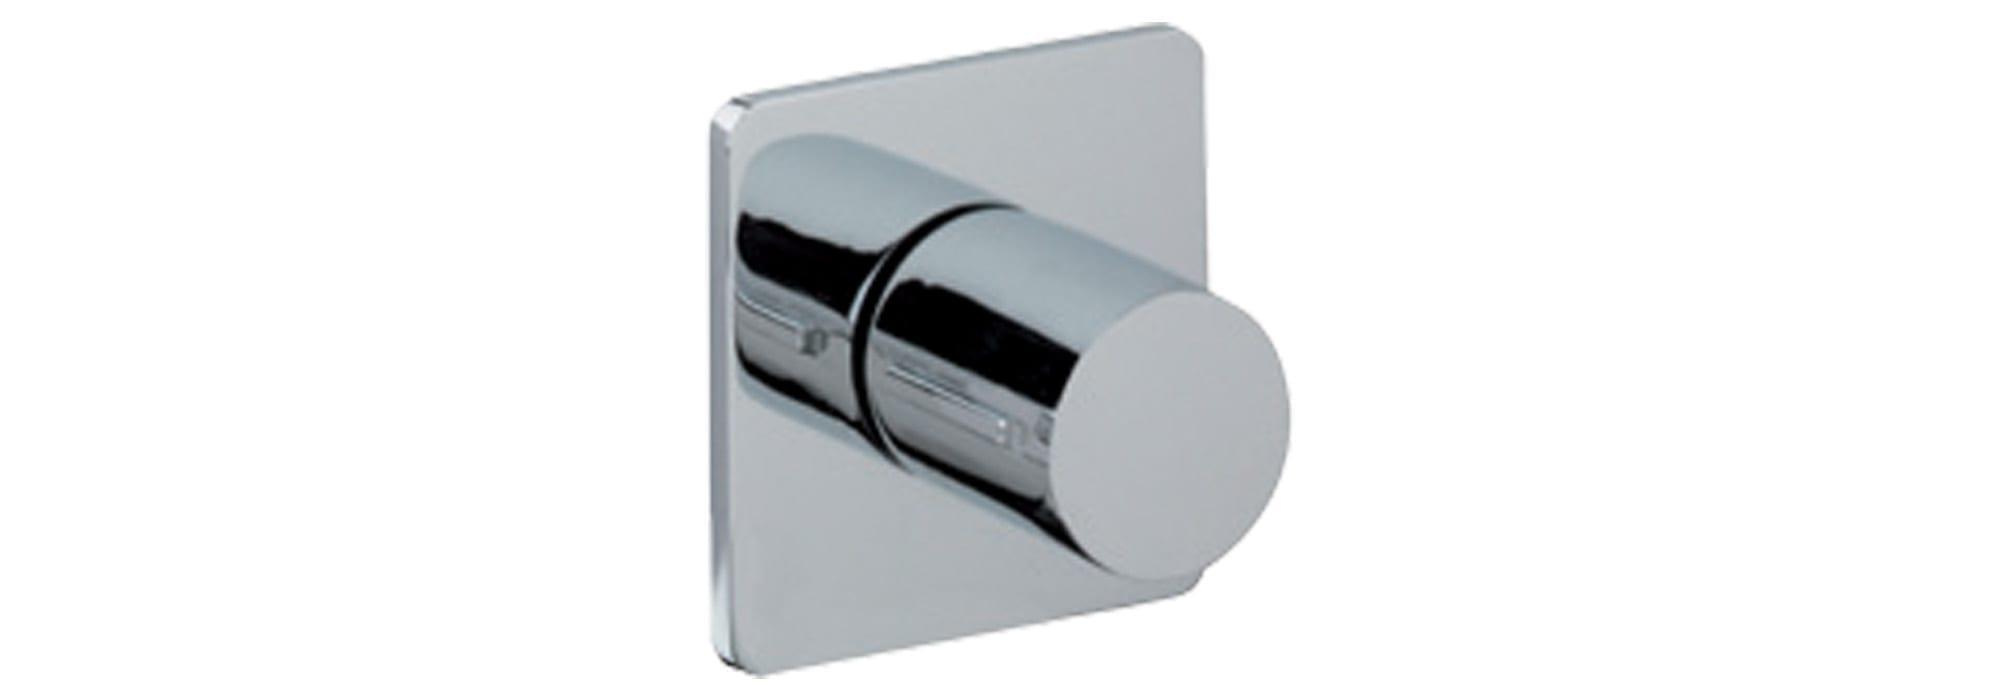 אינטרפוץ לכיור רחצה 3 דרך מקיר, כרום – T10.18.01.SV by Milstone